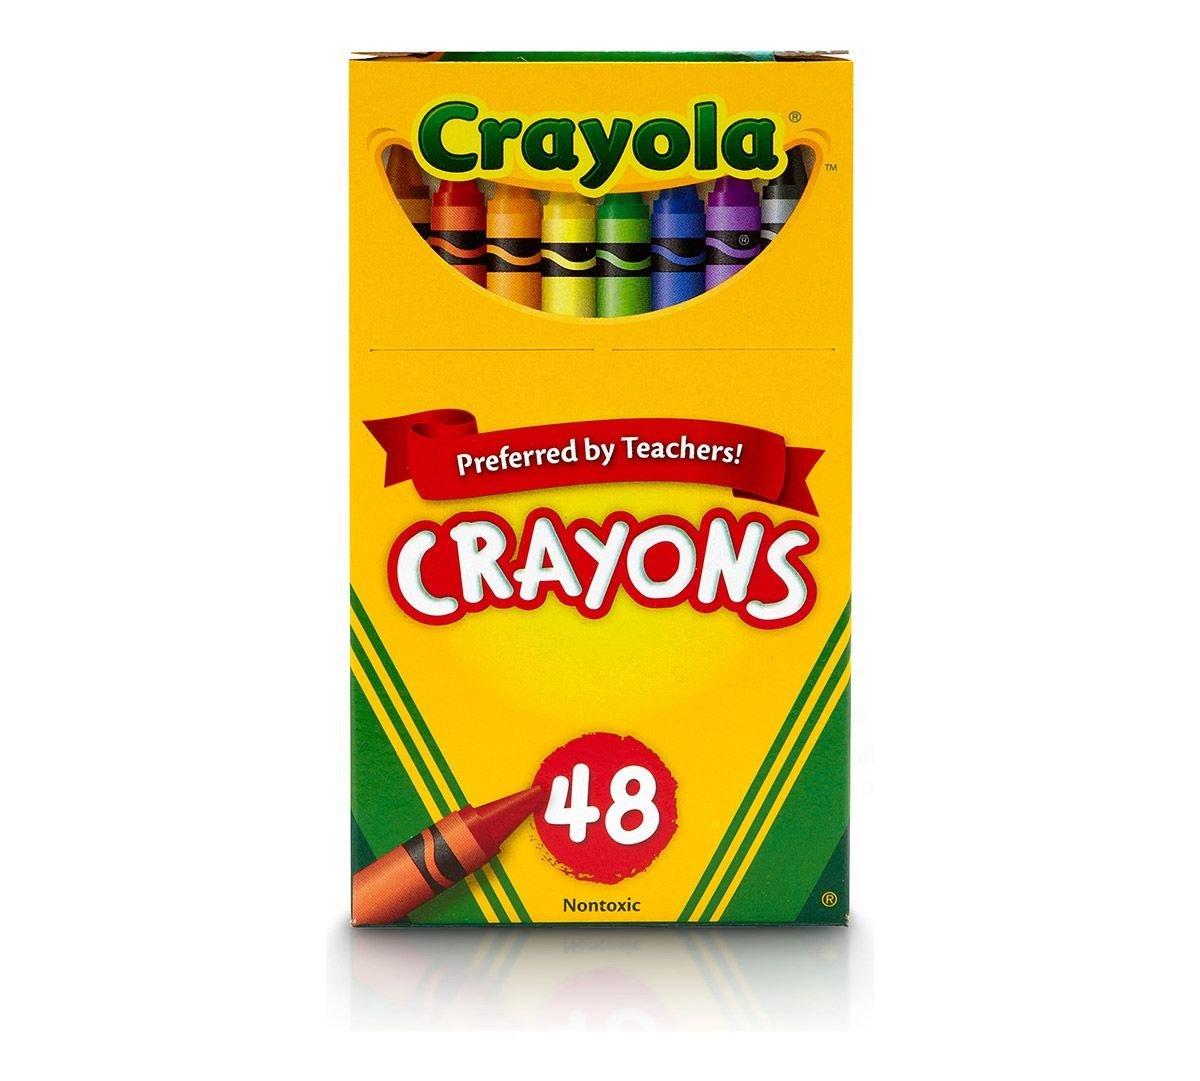 Crayola Crayons 52-0048